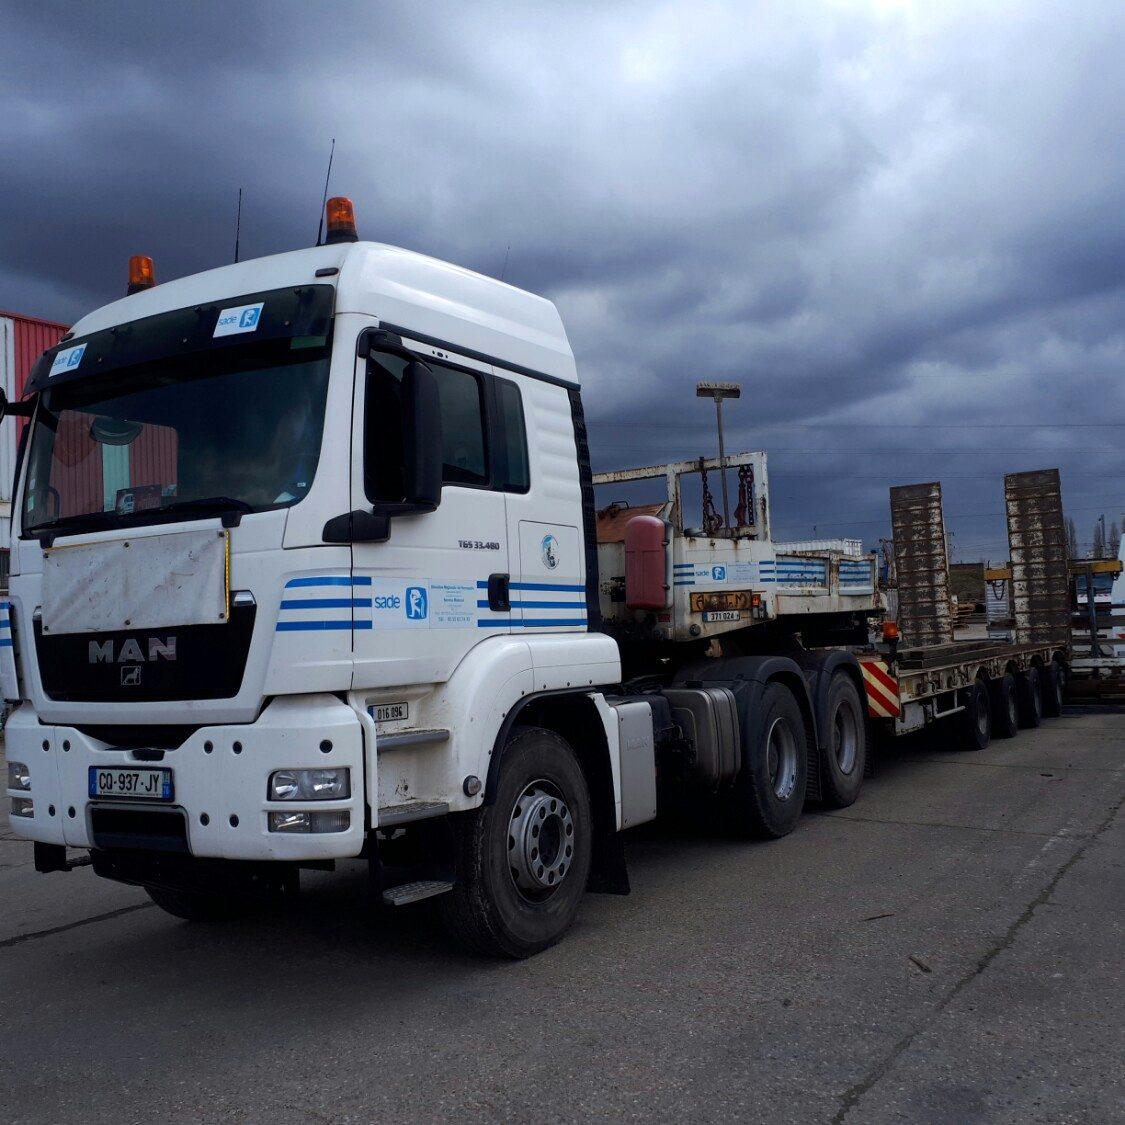 Tracteur 6x4 et porte engin 4 lignes (016096 et 371024)